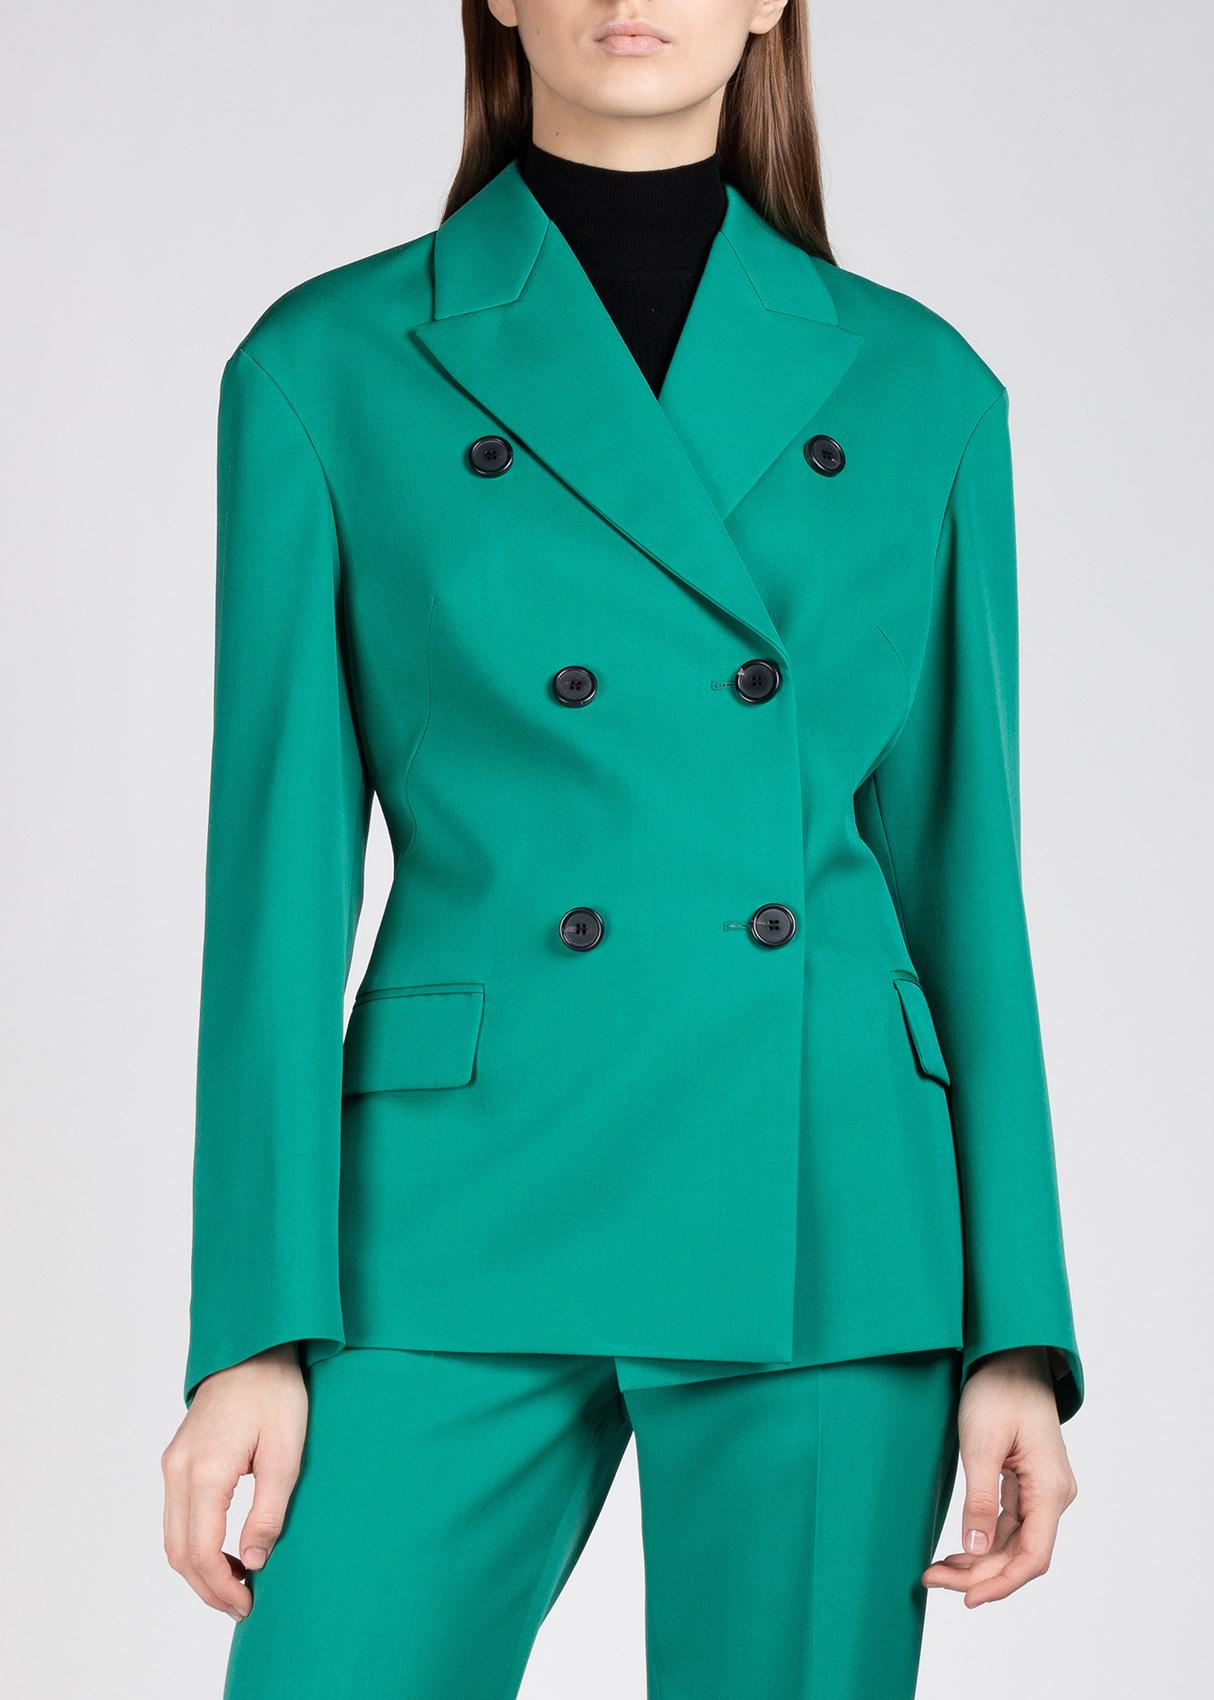 Приталенный пиджак Rochas в зеленом цвете